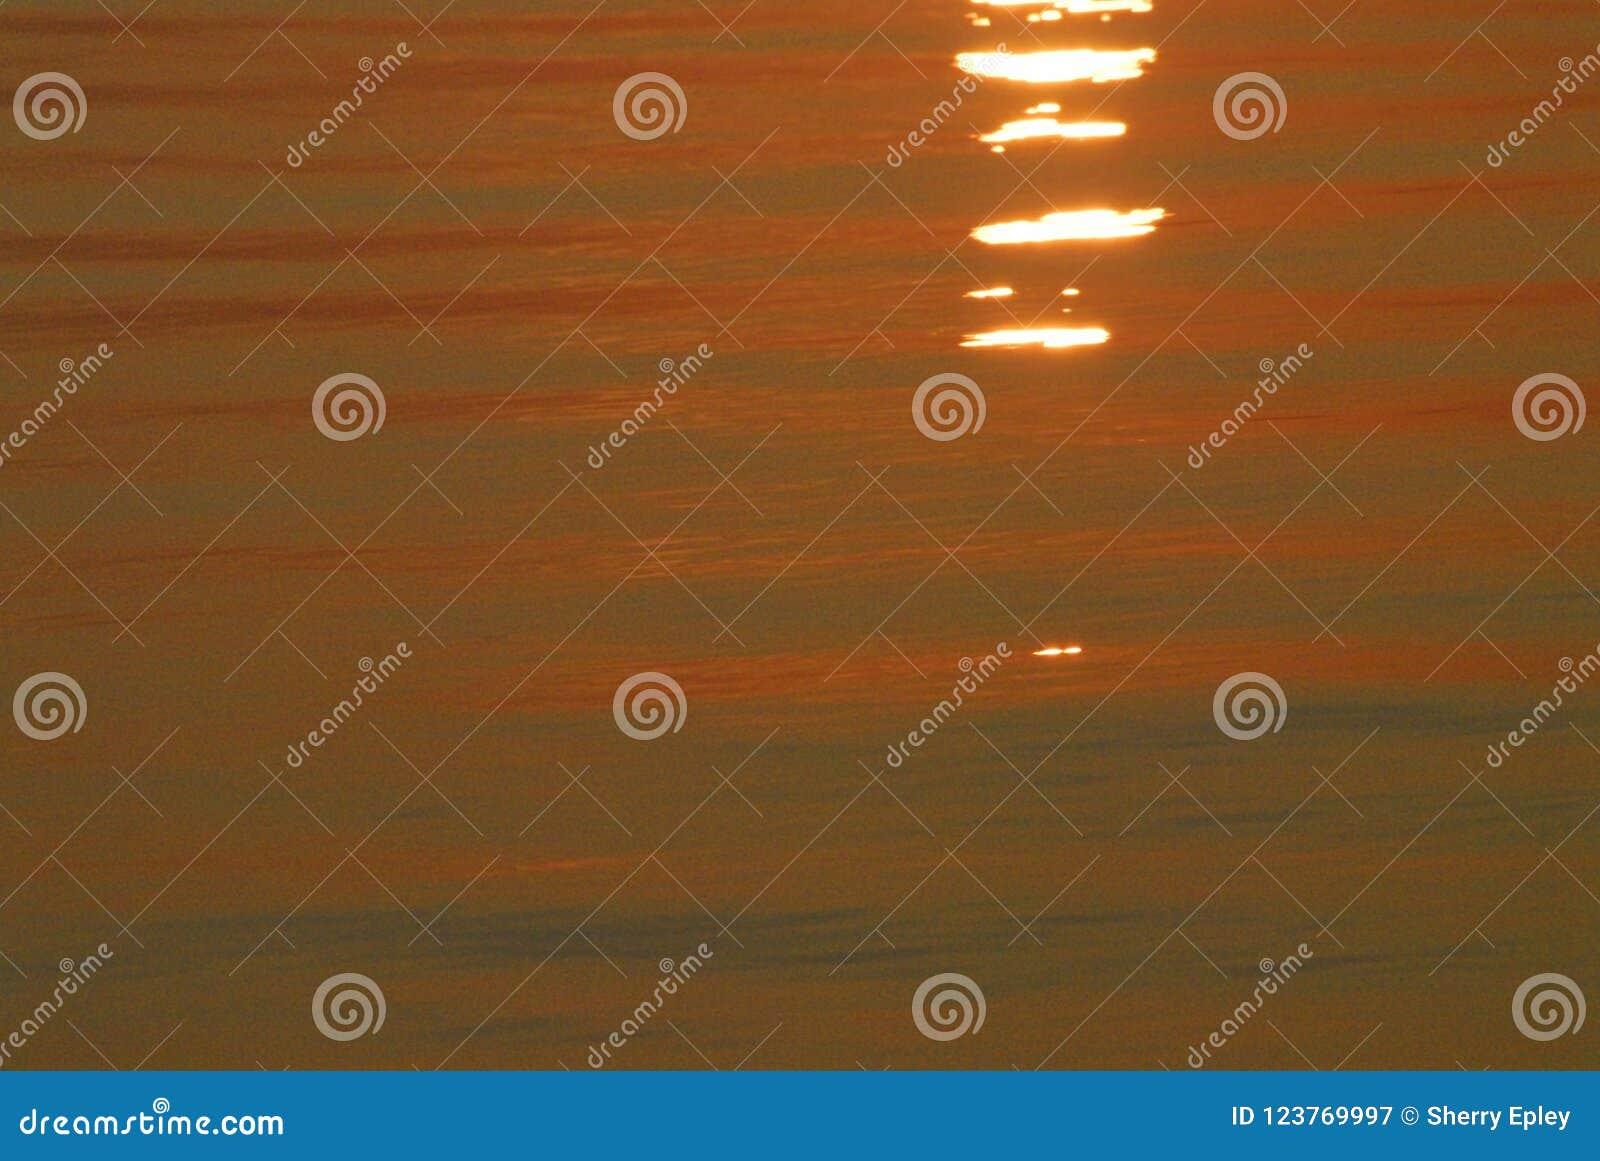 De ABSTRACTE Zonsopgang leidt tot Oranje Kleur voor Oceaanwater